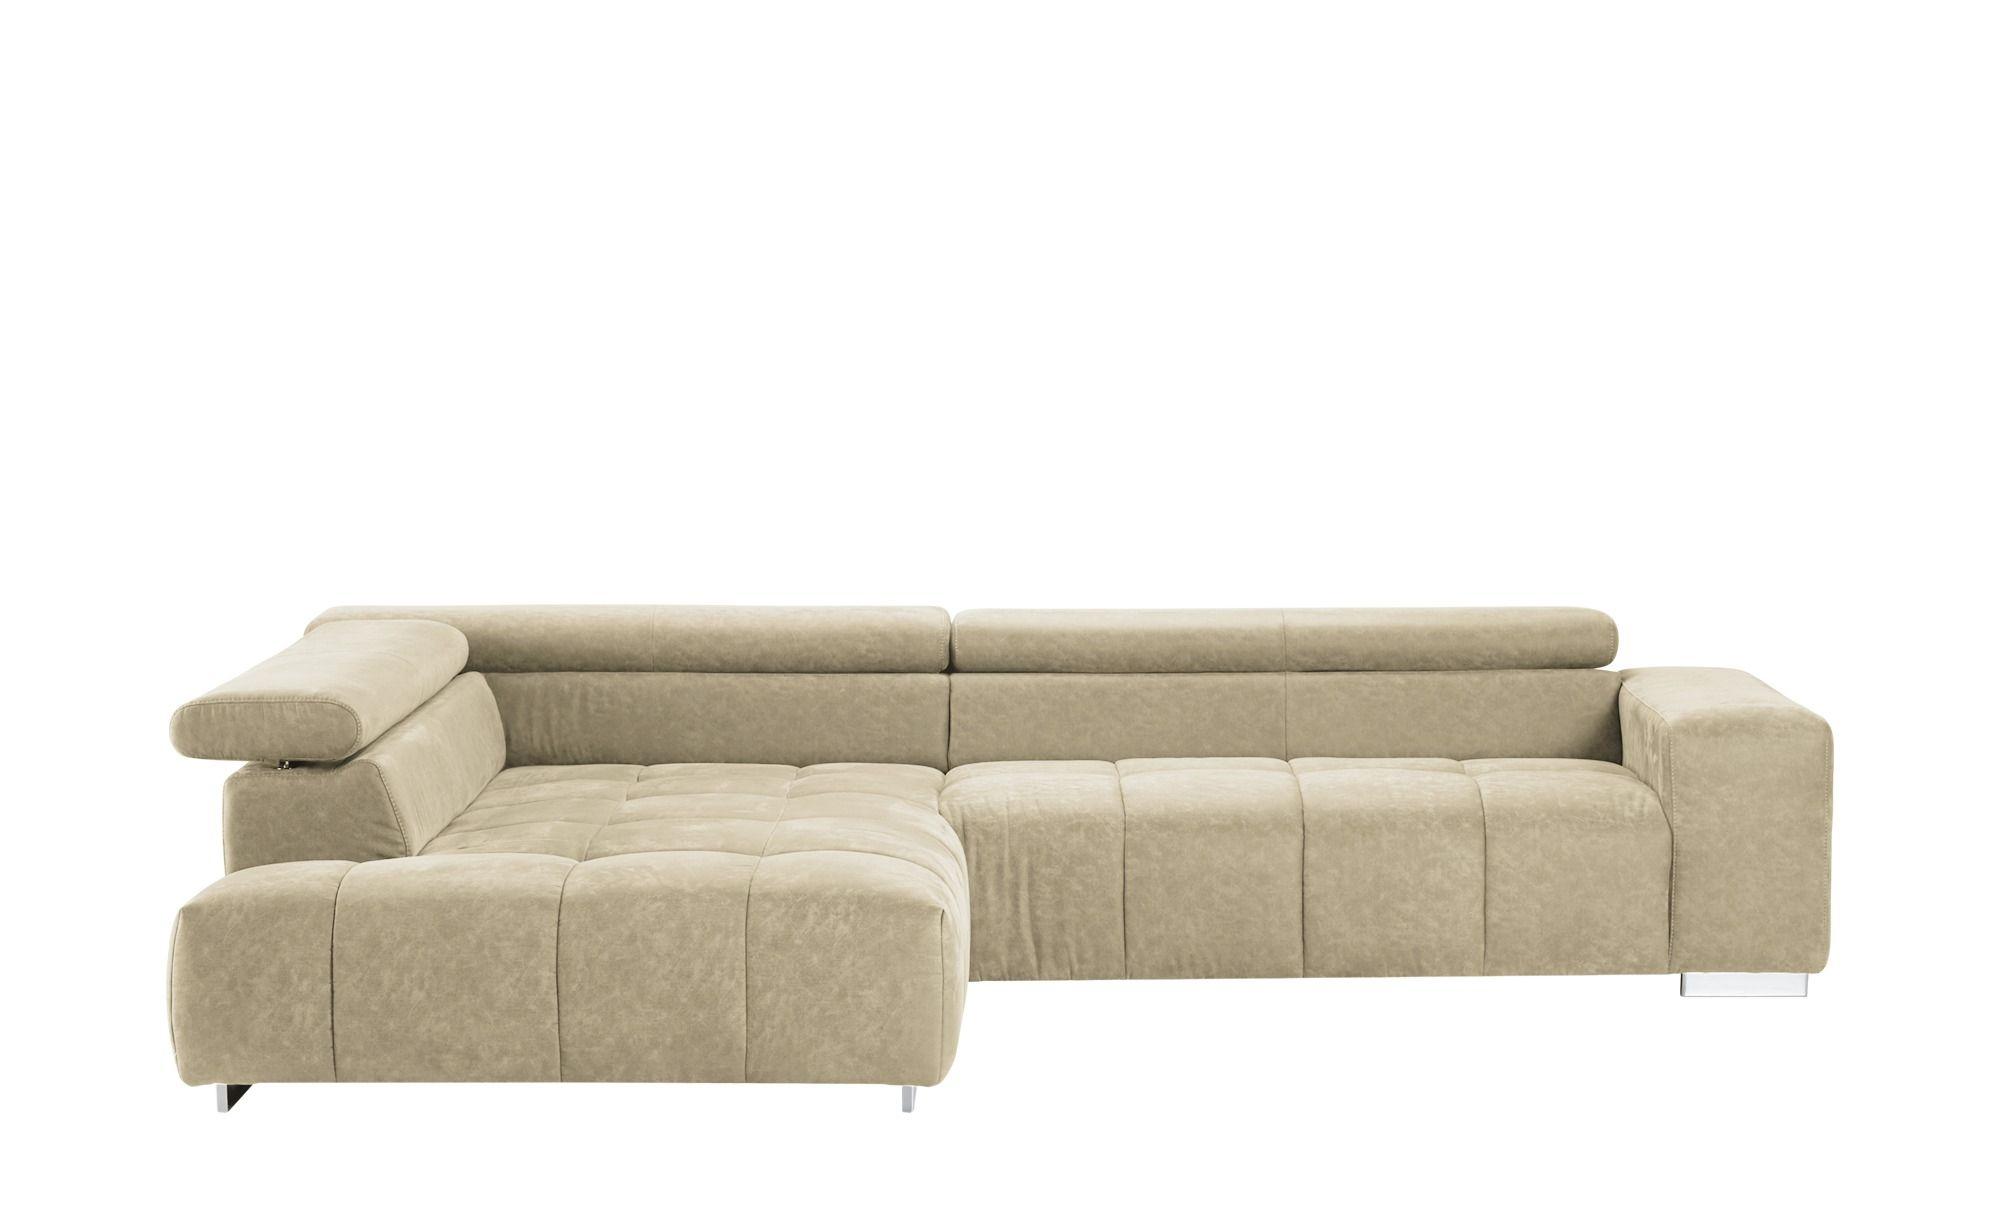 Schön Günstige Ecksofas Das Beste Von Günstig Ecksofa | Big Sofa Back Cushions